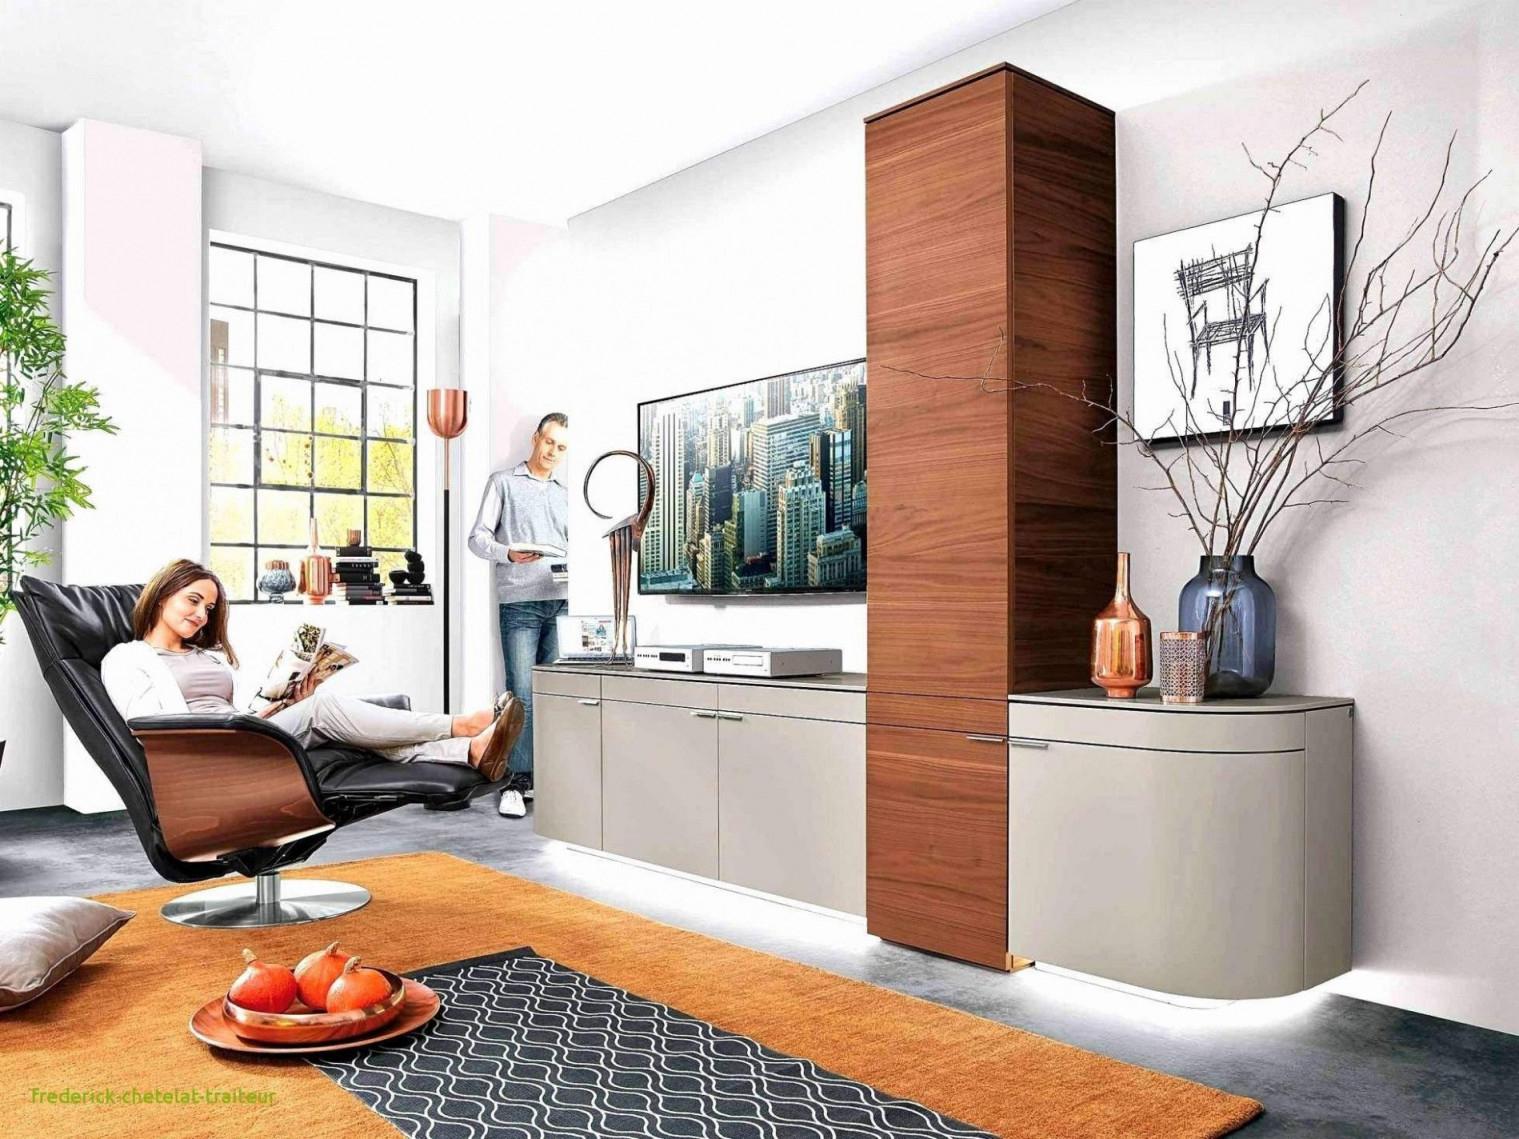 15 Ausmalen Wohn Ideen In 2020  Wohnzimmer Ideen von Wohnzimmer Ausmalen Ideen Bild